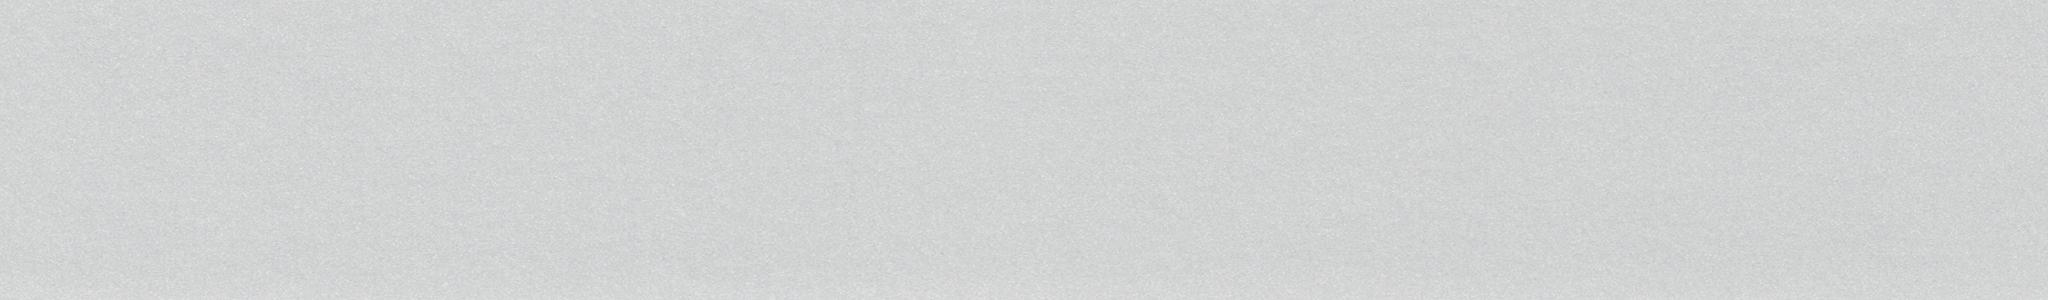 HD 49417 Melamin Kante Silber glatt